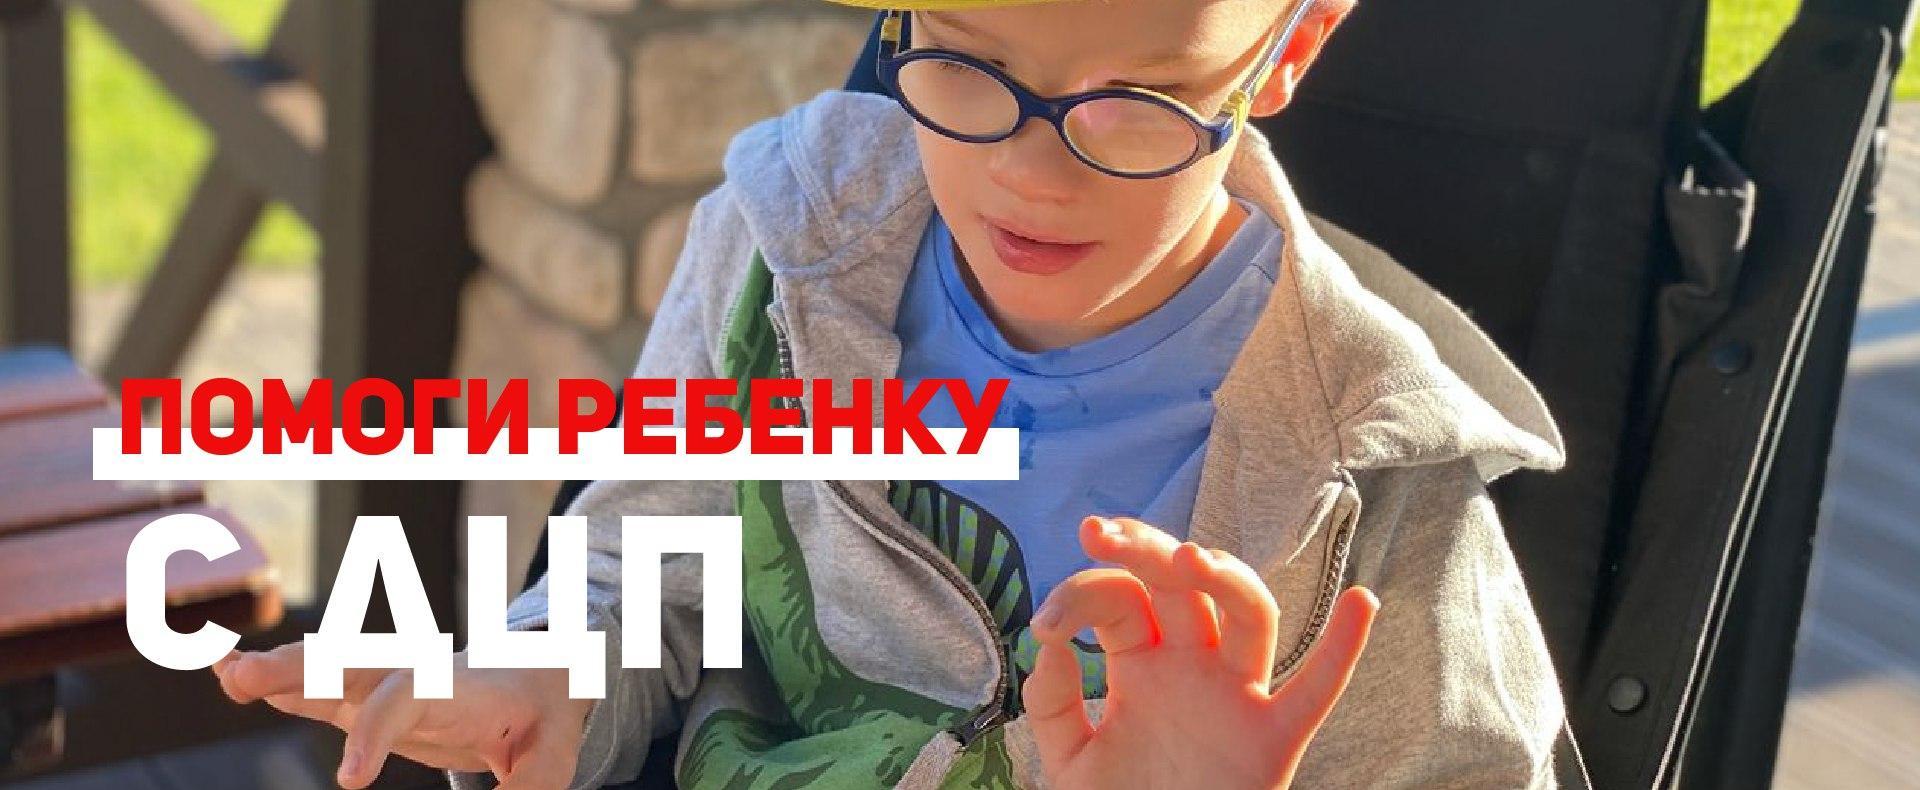 Заставка для - Помоги ребенку с ДЦП, продолжать жить!